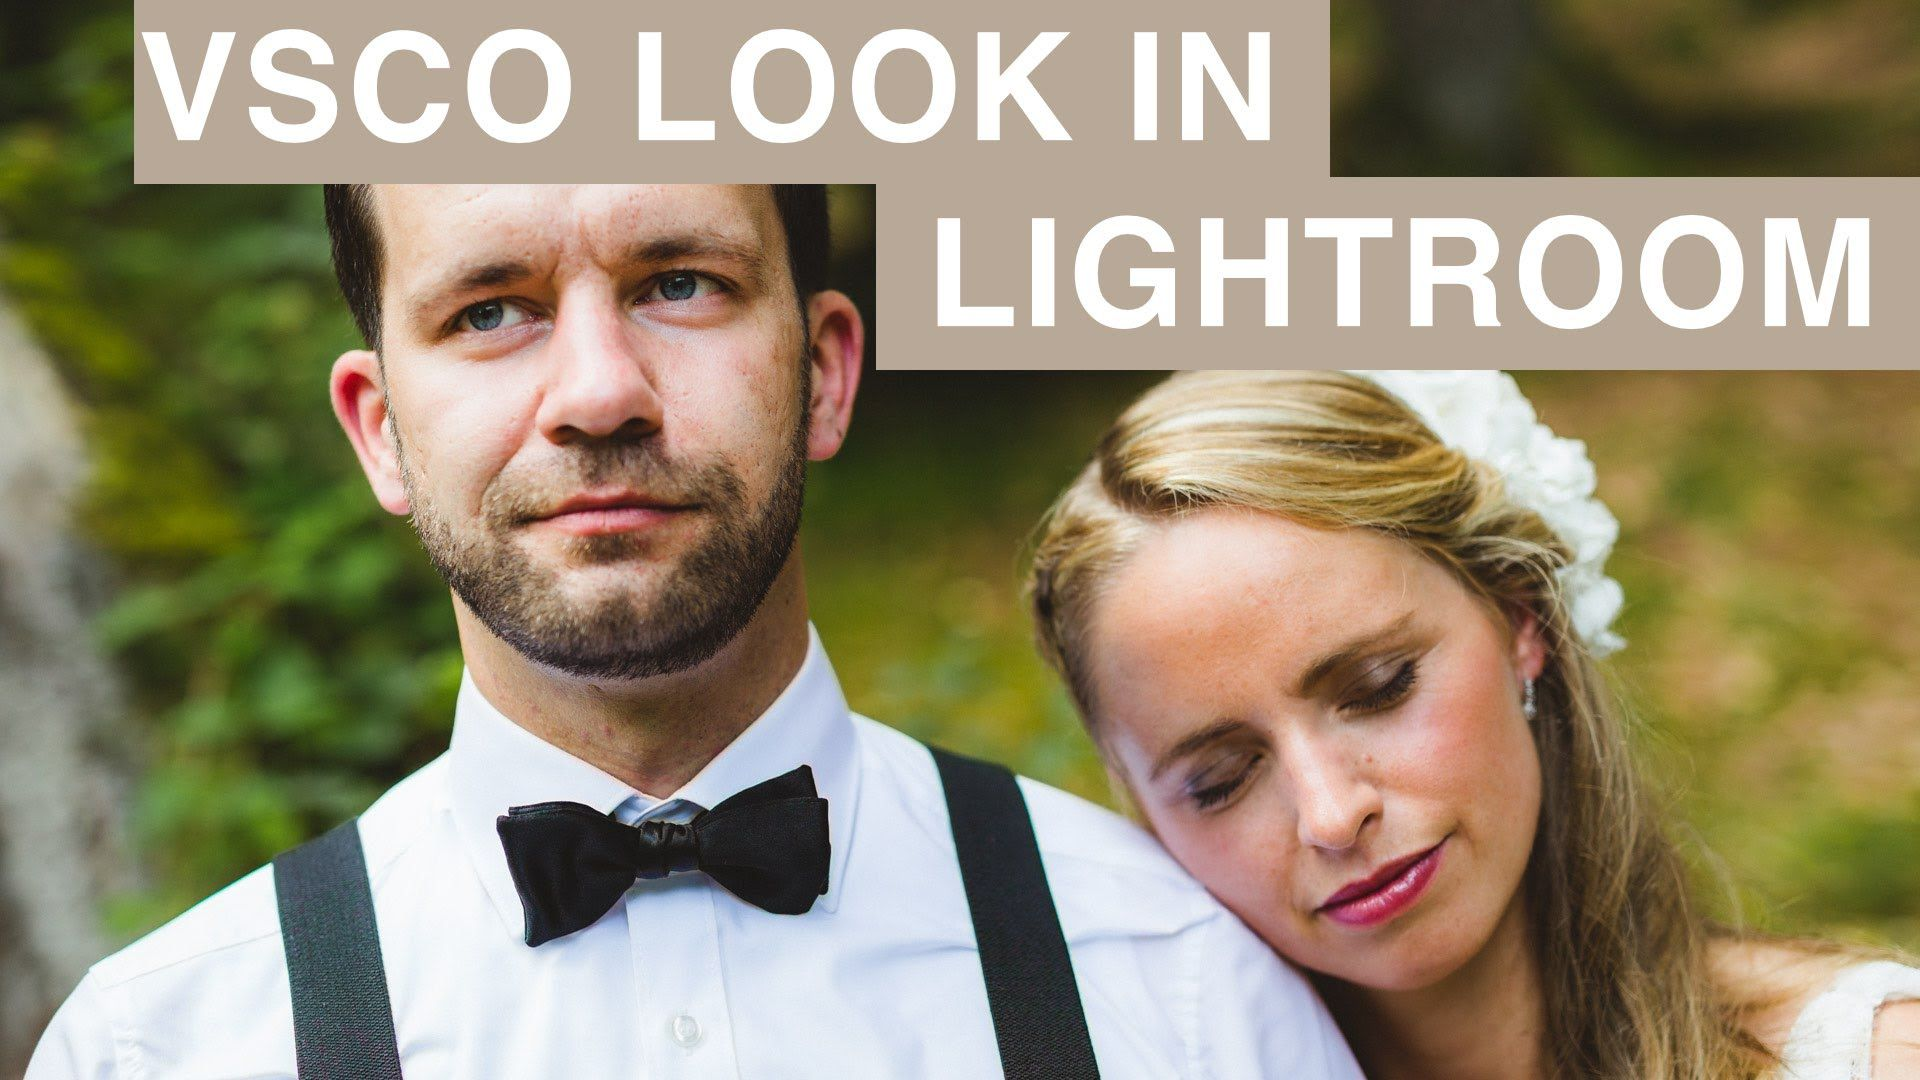 Film Look In Lightroom Wie Vsco Deutsch Idea For Photography